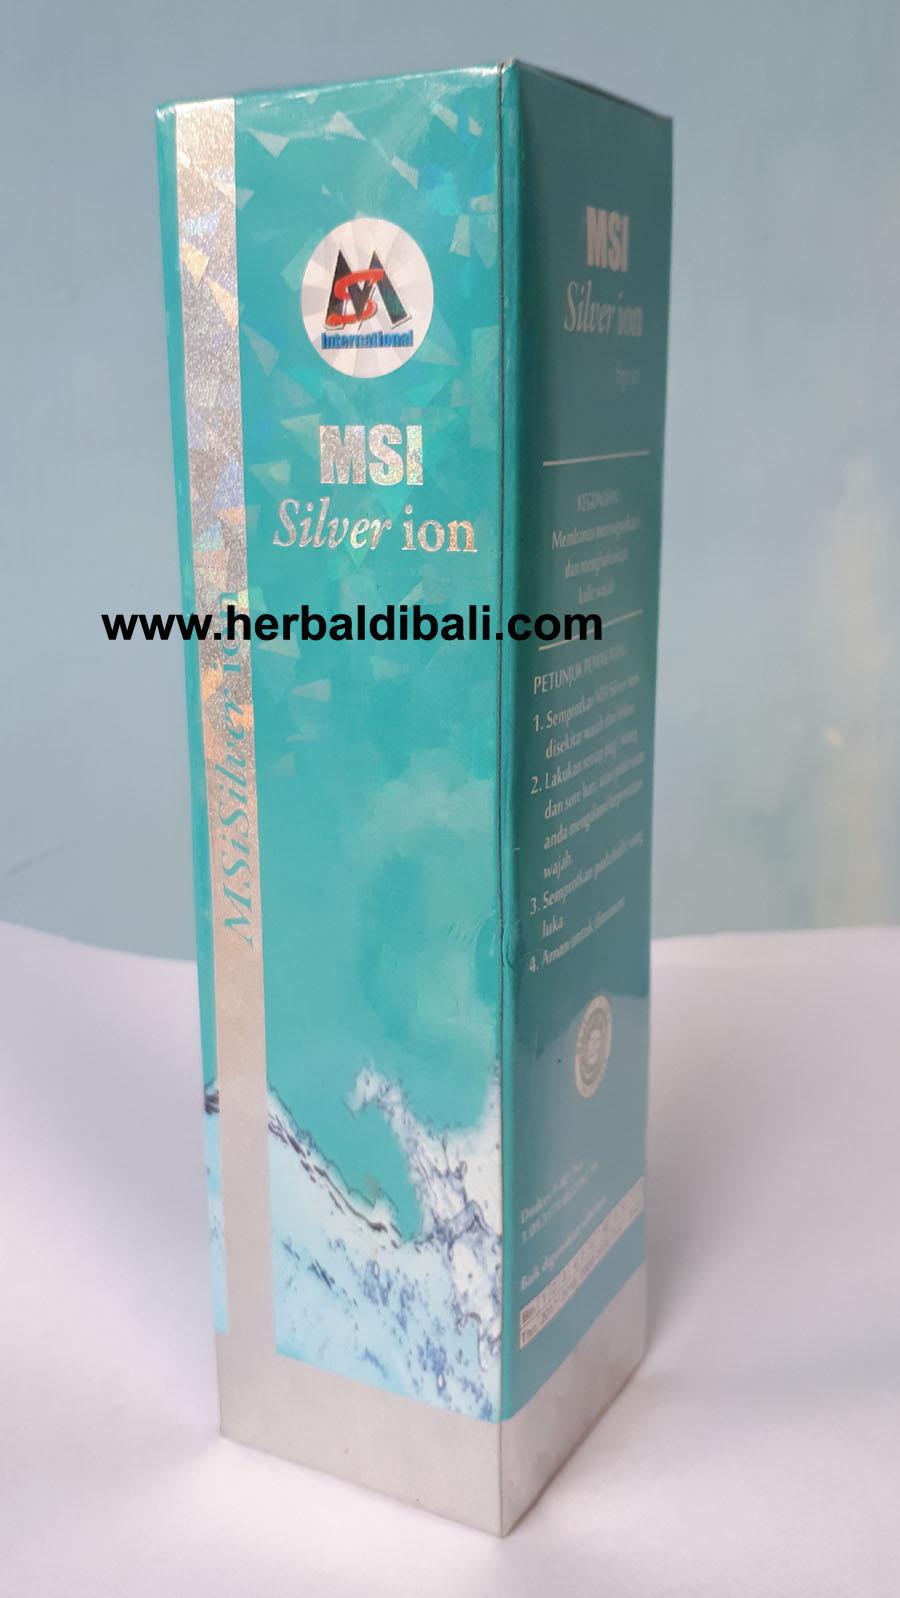 Msi Bio Spray Silver Ion Best Buy Indonesia Perak Original Member Jual Di Denpasar Bali Produk Herbal